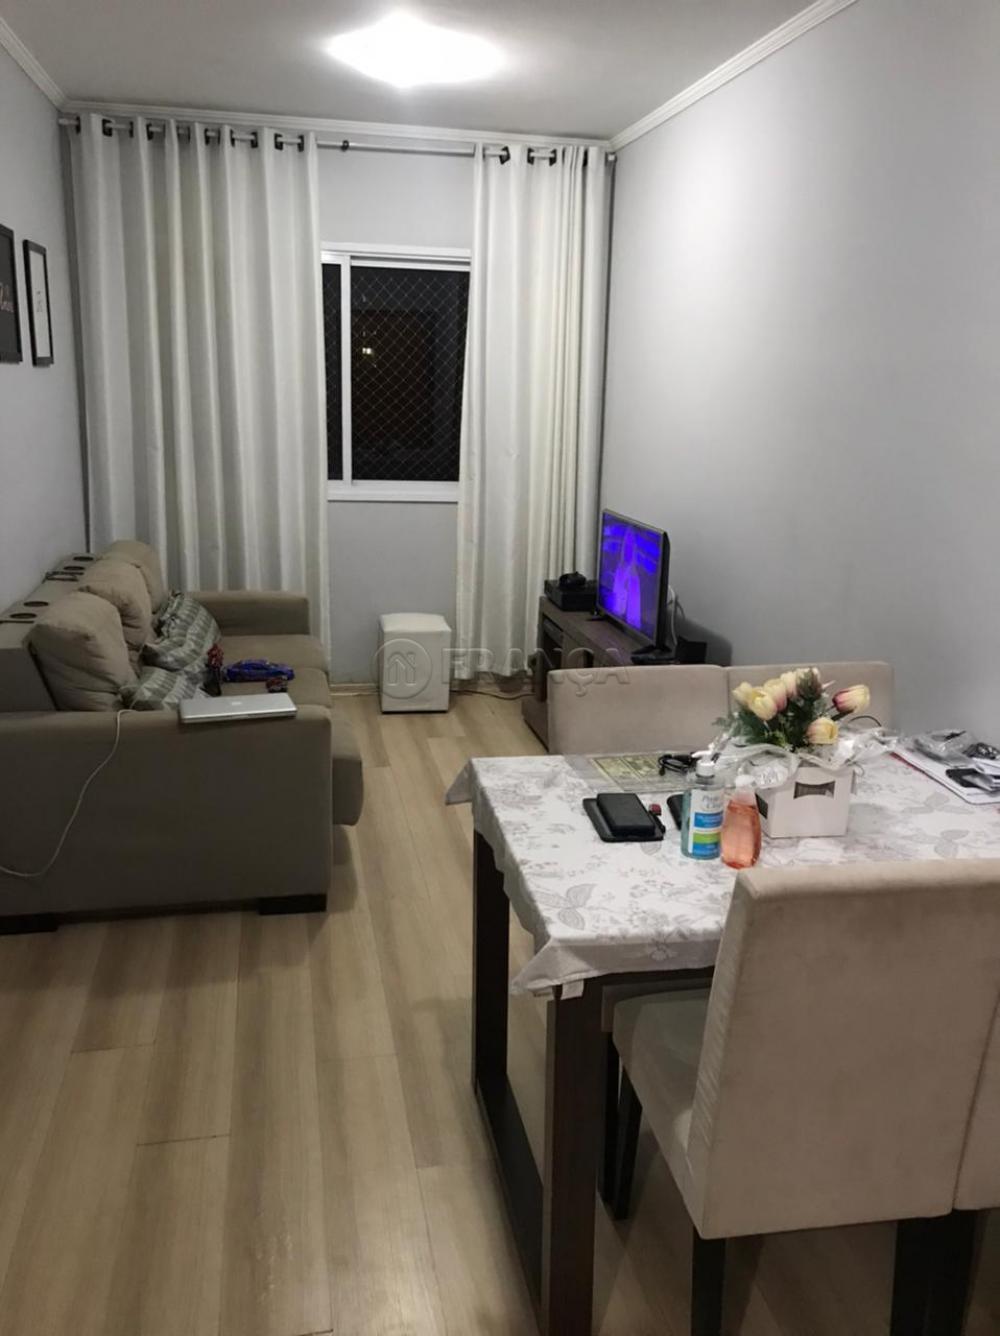 Comprar Apartamento / Padrão em São José dos Campos R$ 325.000,00 - Foto 1